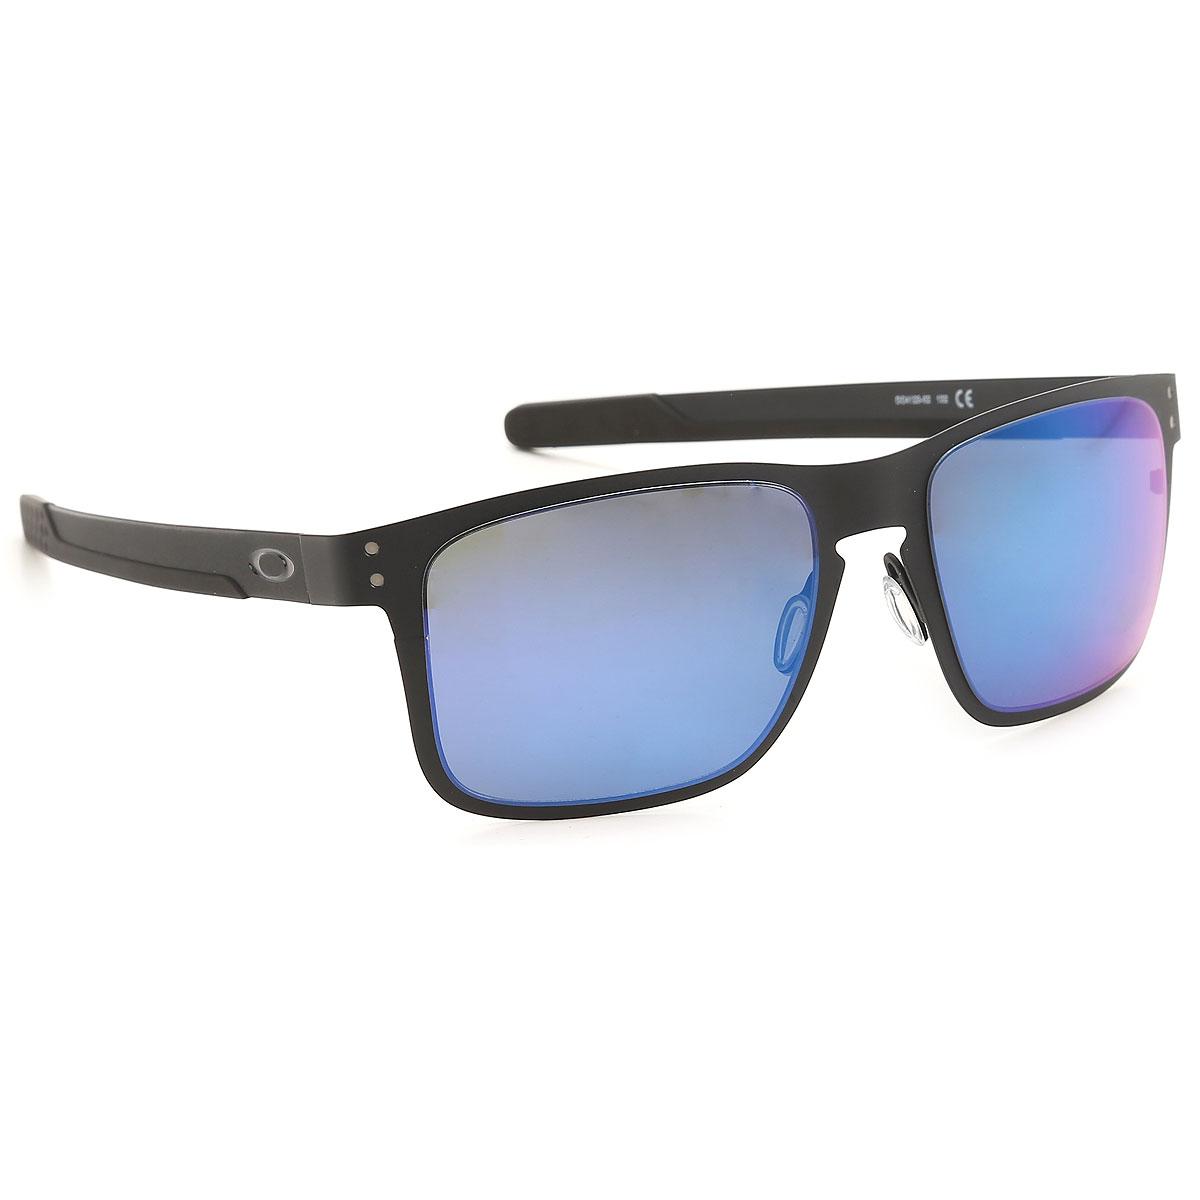 Oakley Sunglasses On Sale, Matte Black, 2019